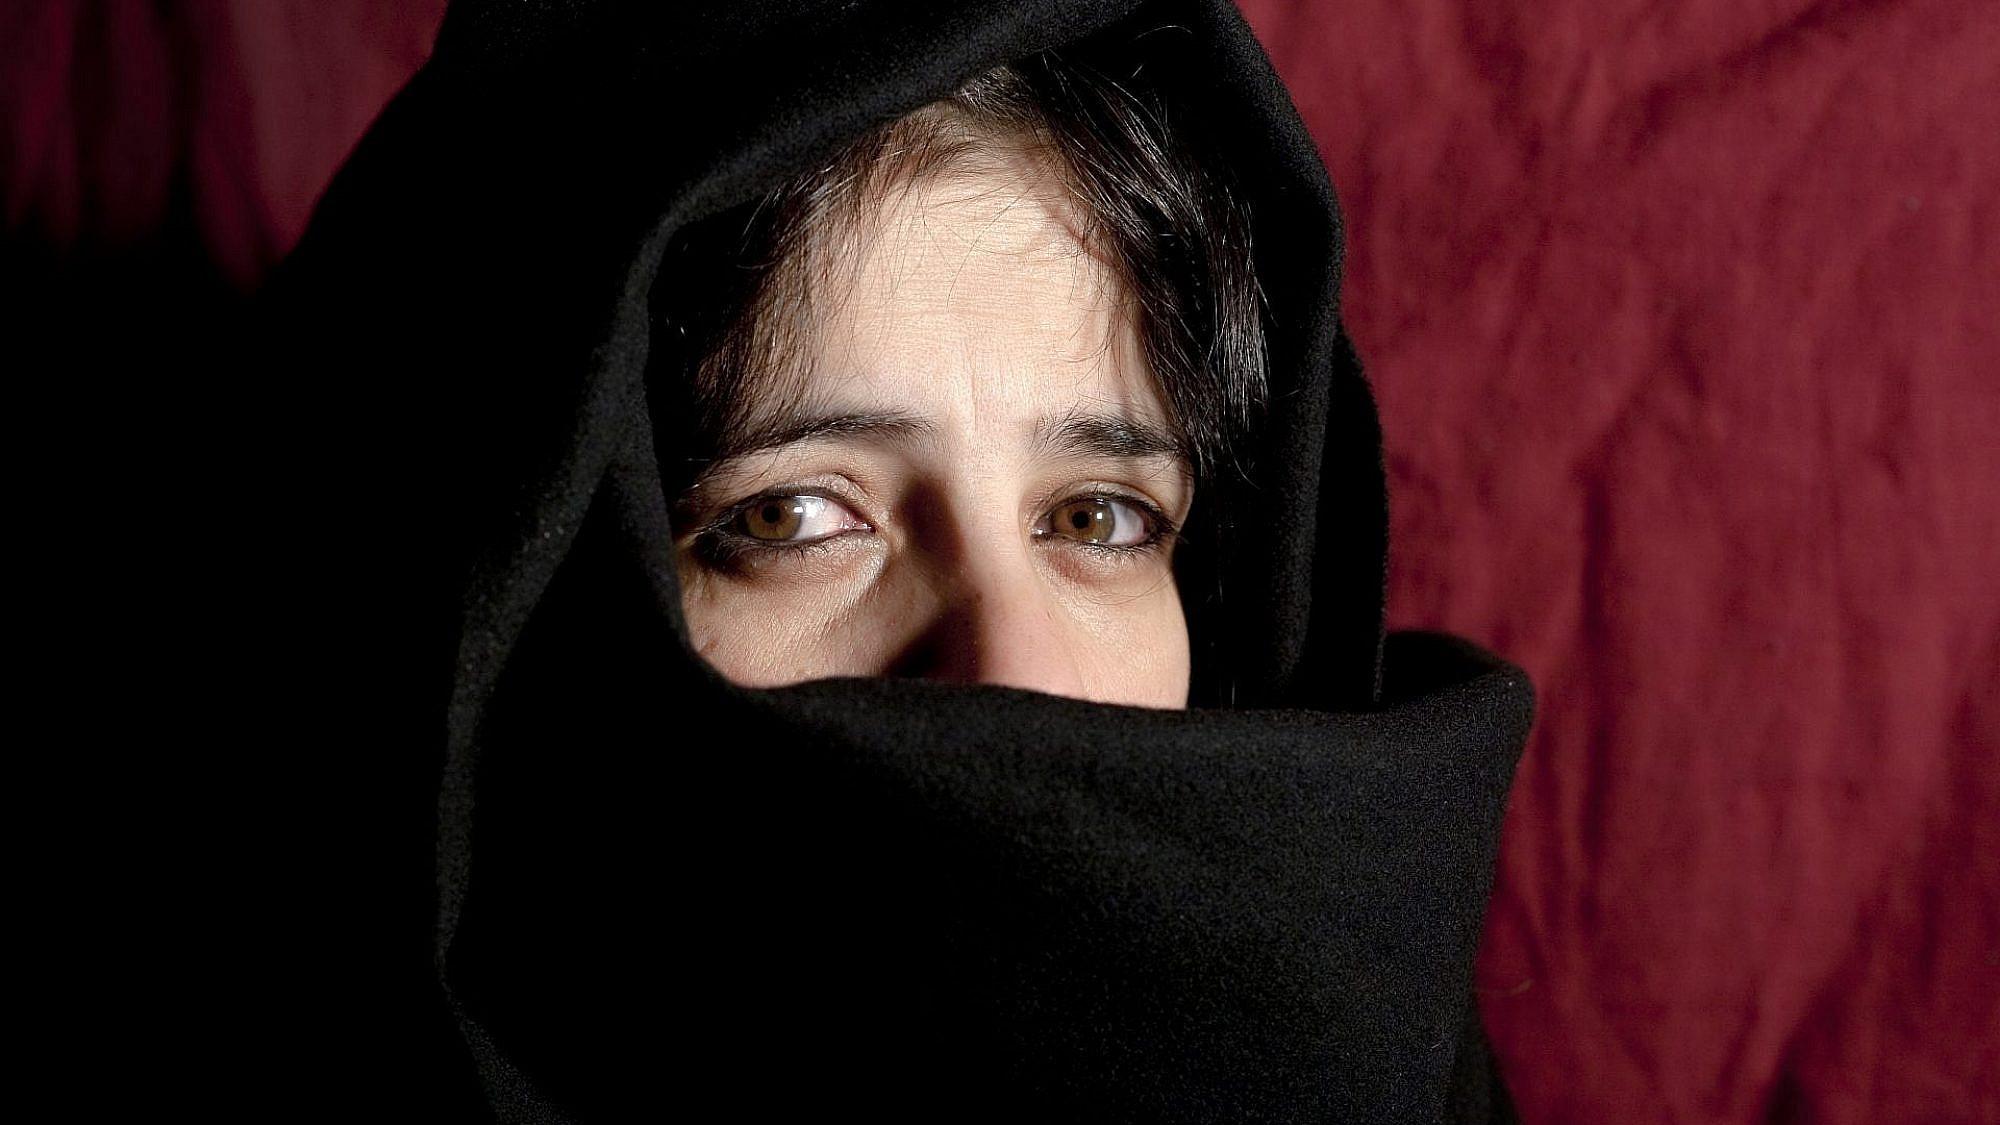 אישה אפגנית | צילום: shutterstock